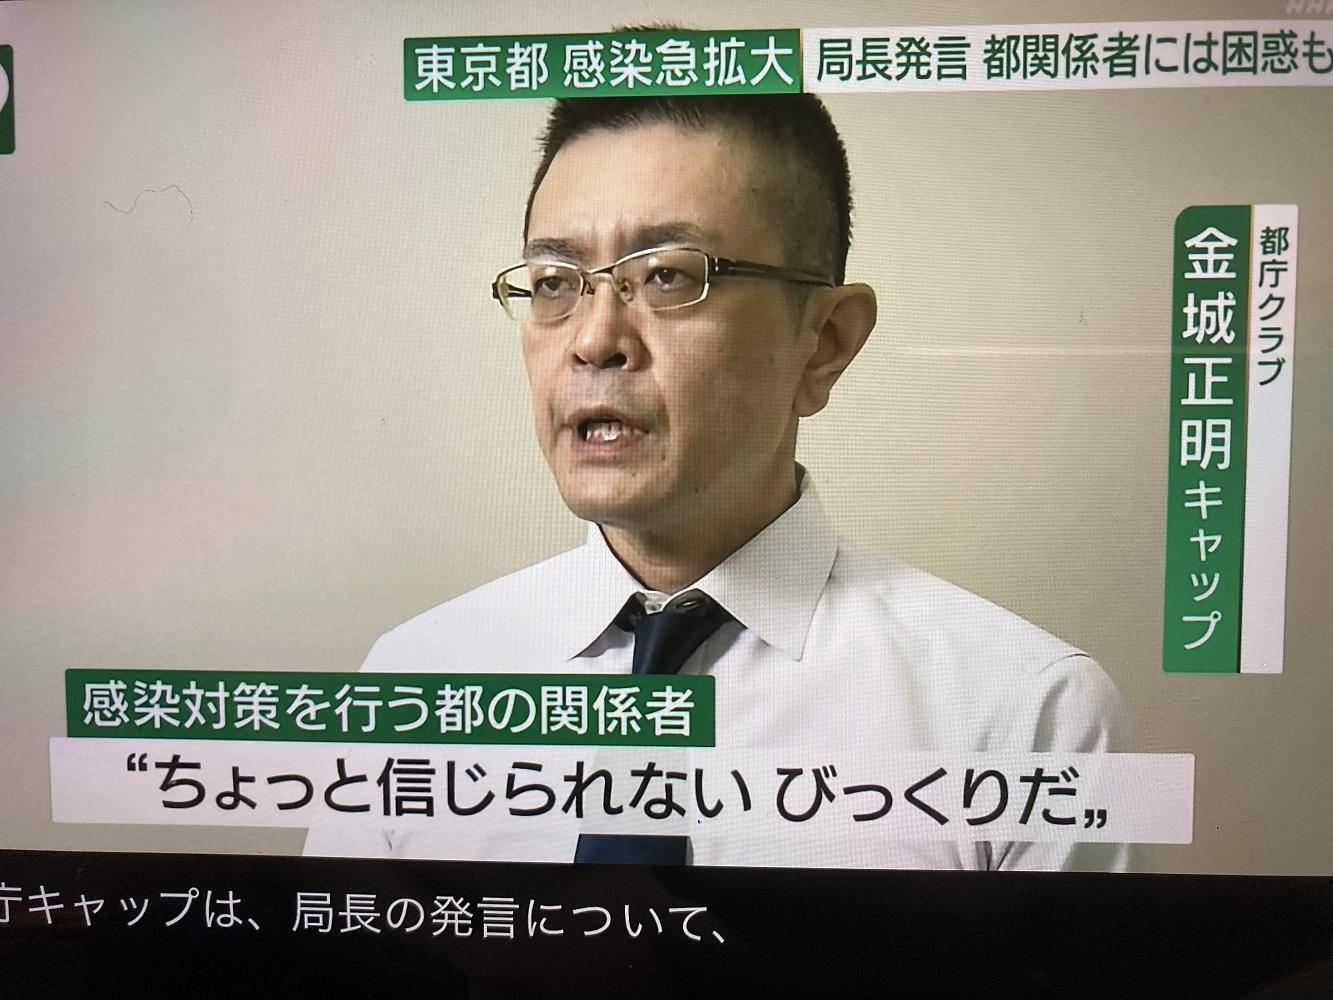 NHK東京都採訪小組組長金城表示東京都說「這次跟第三波不同,不要吵」讓防疫人員無法相信,而且東京都還要求市民及營業者自肅,停止營業等,立場錯亂」(攝自NHK)